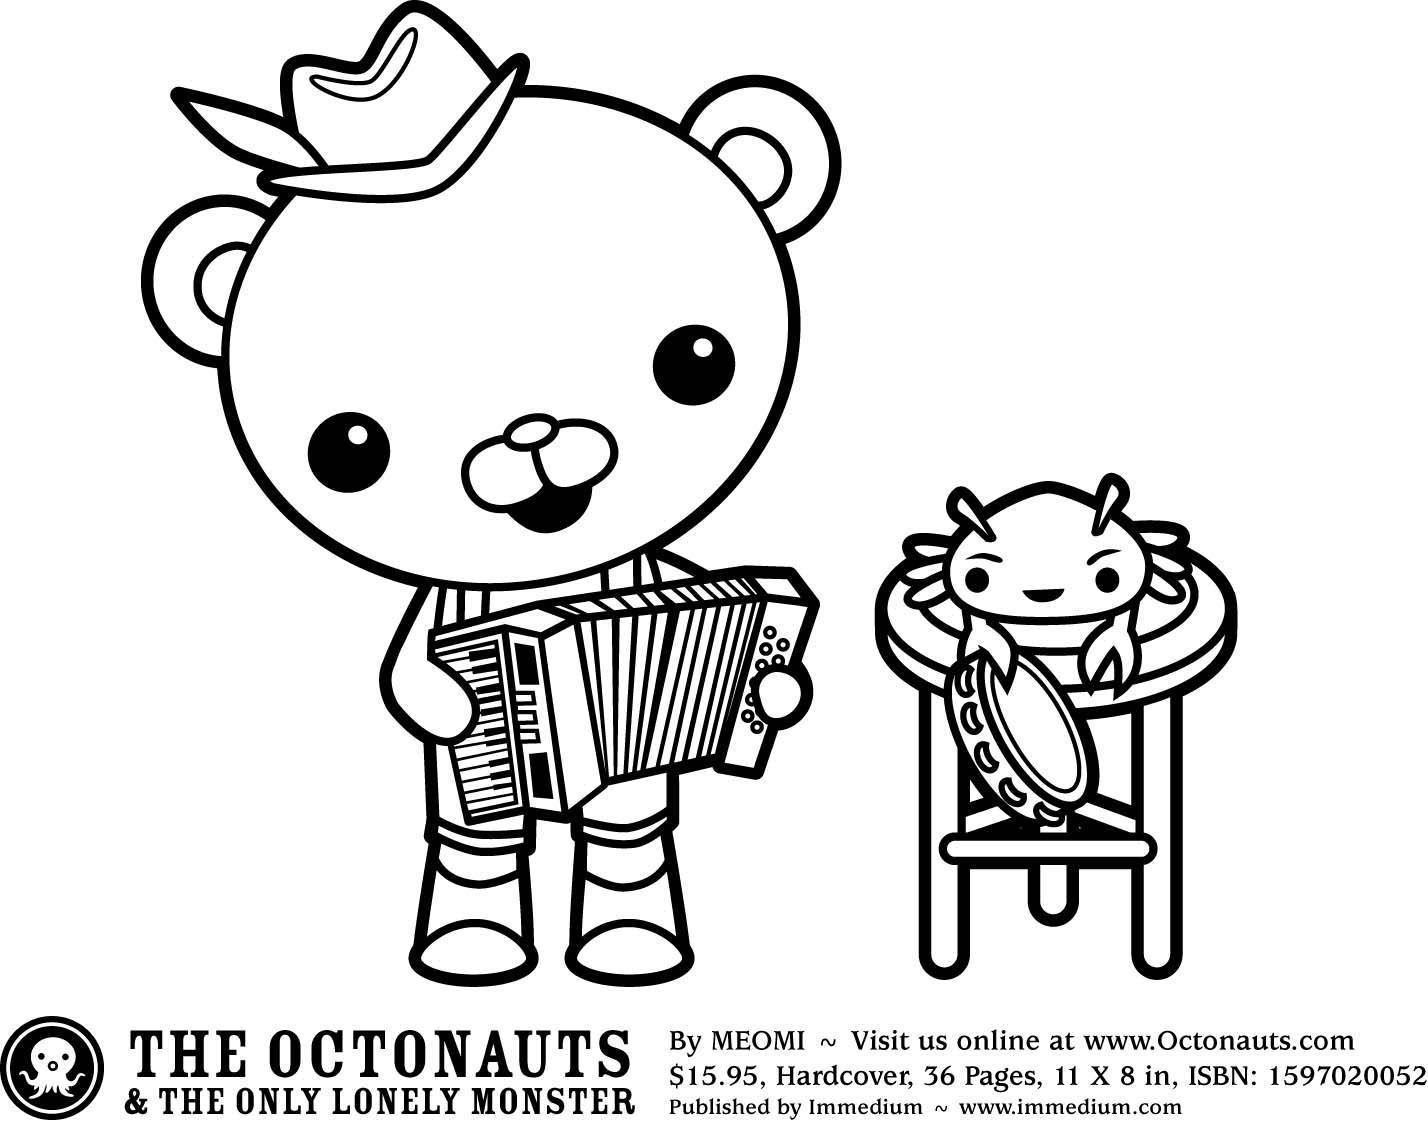 Asombroso Octonautas Para Colorear Dashi Ideas - Dibujos Para ...